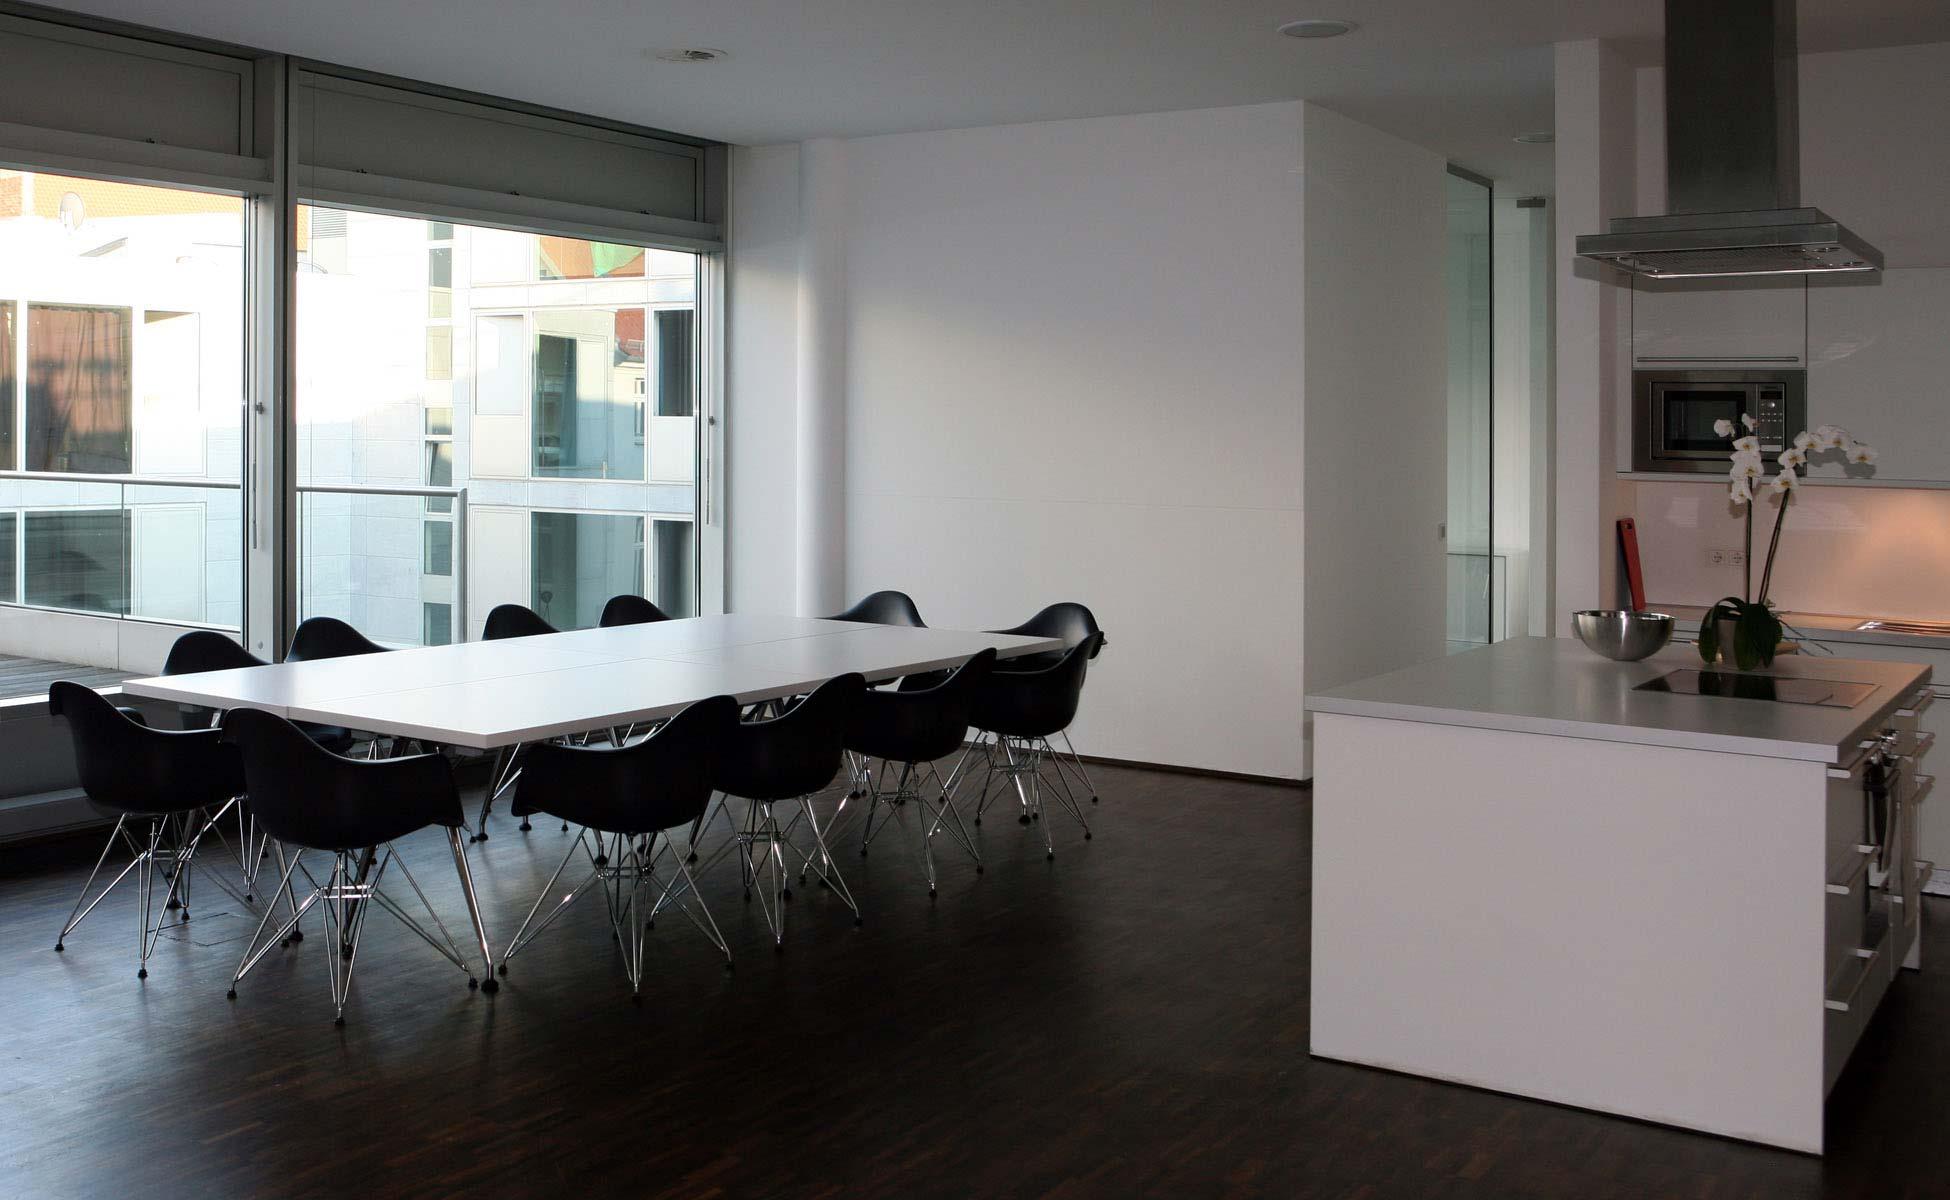 Office Interior Vitra Cafeteria Einrichtung bei steidten+ Berlin